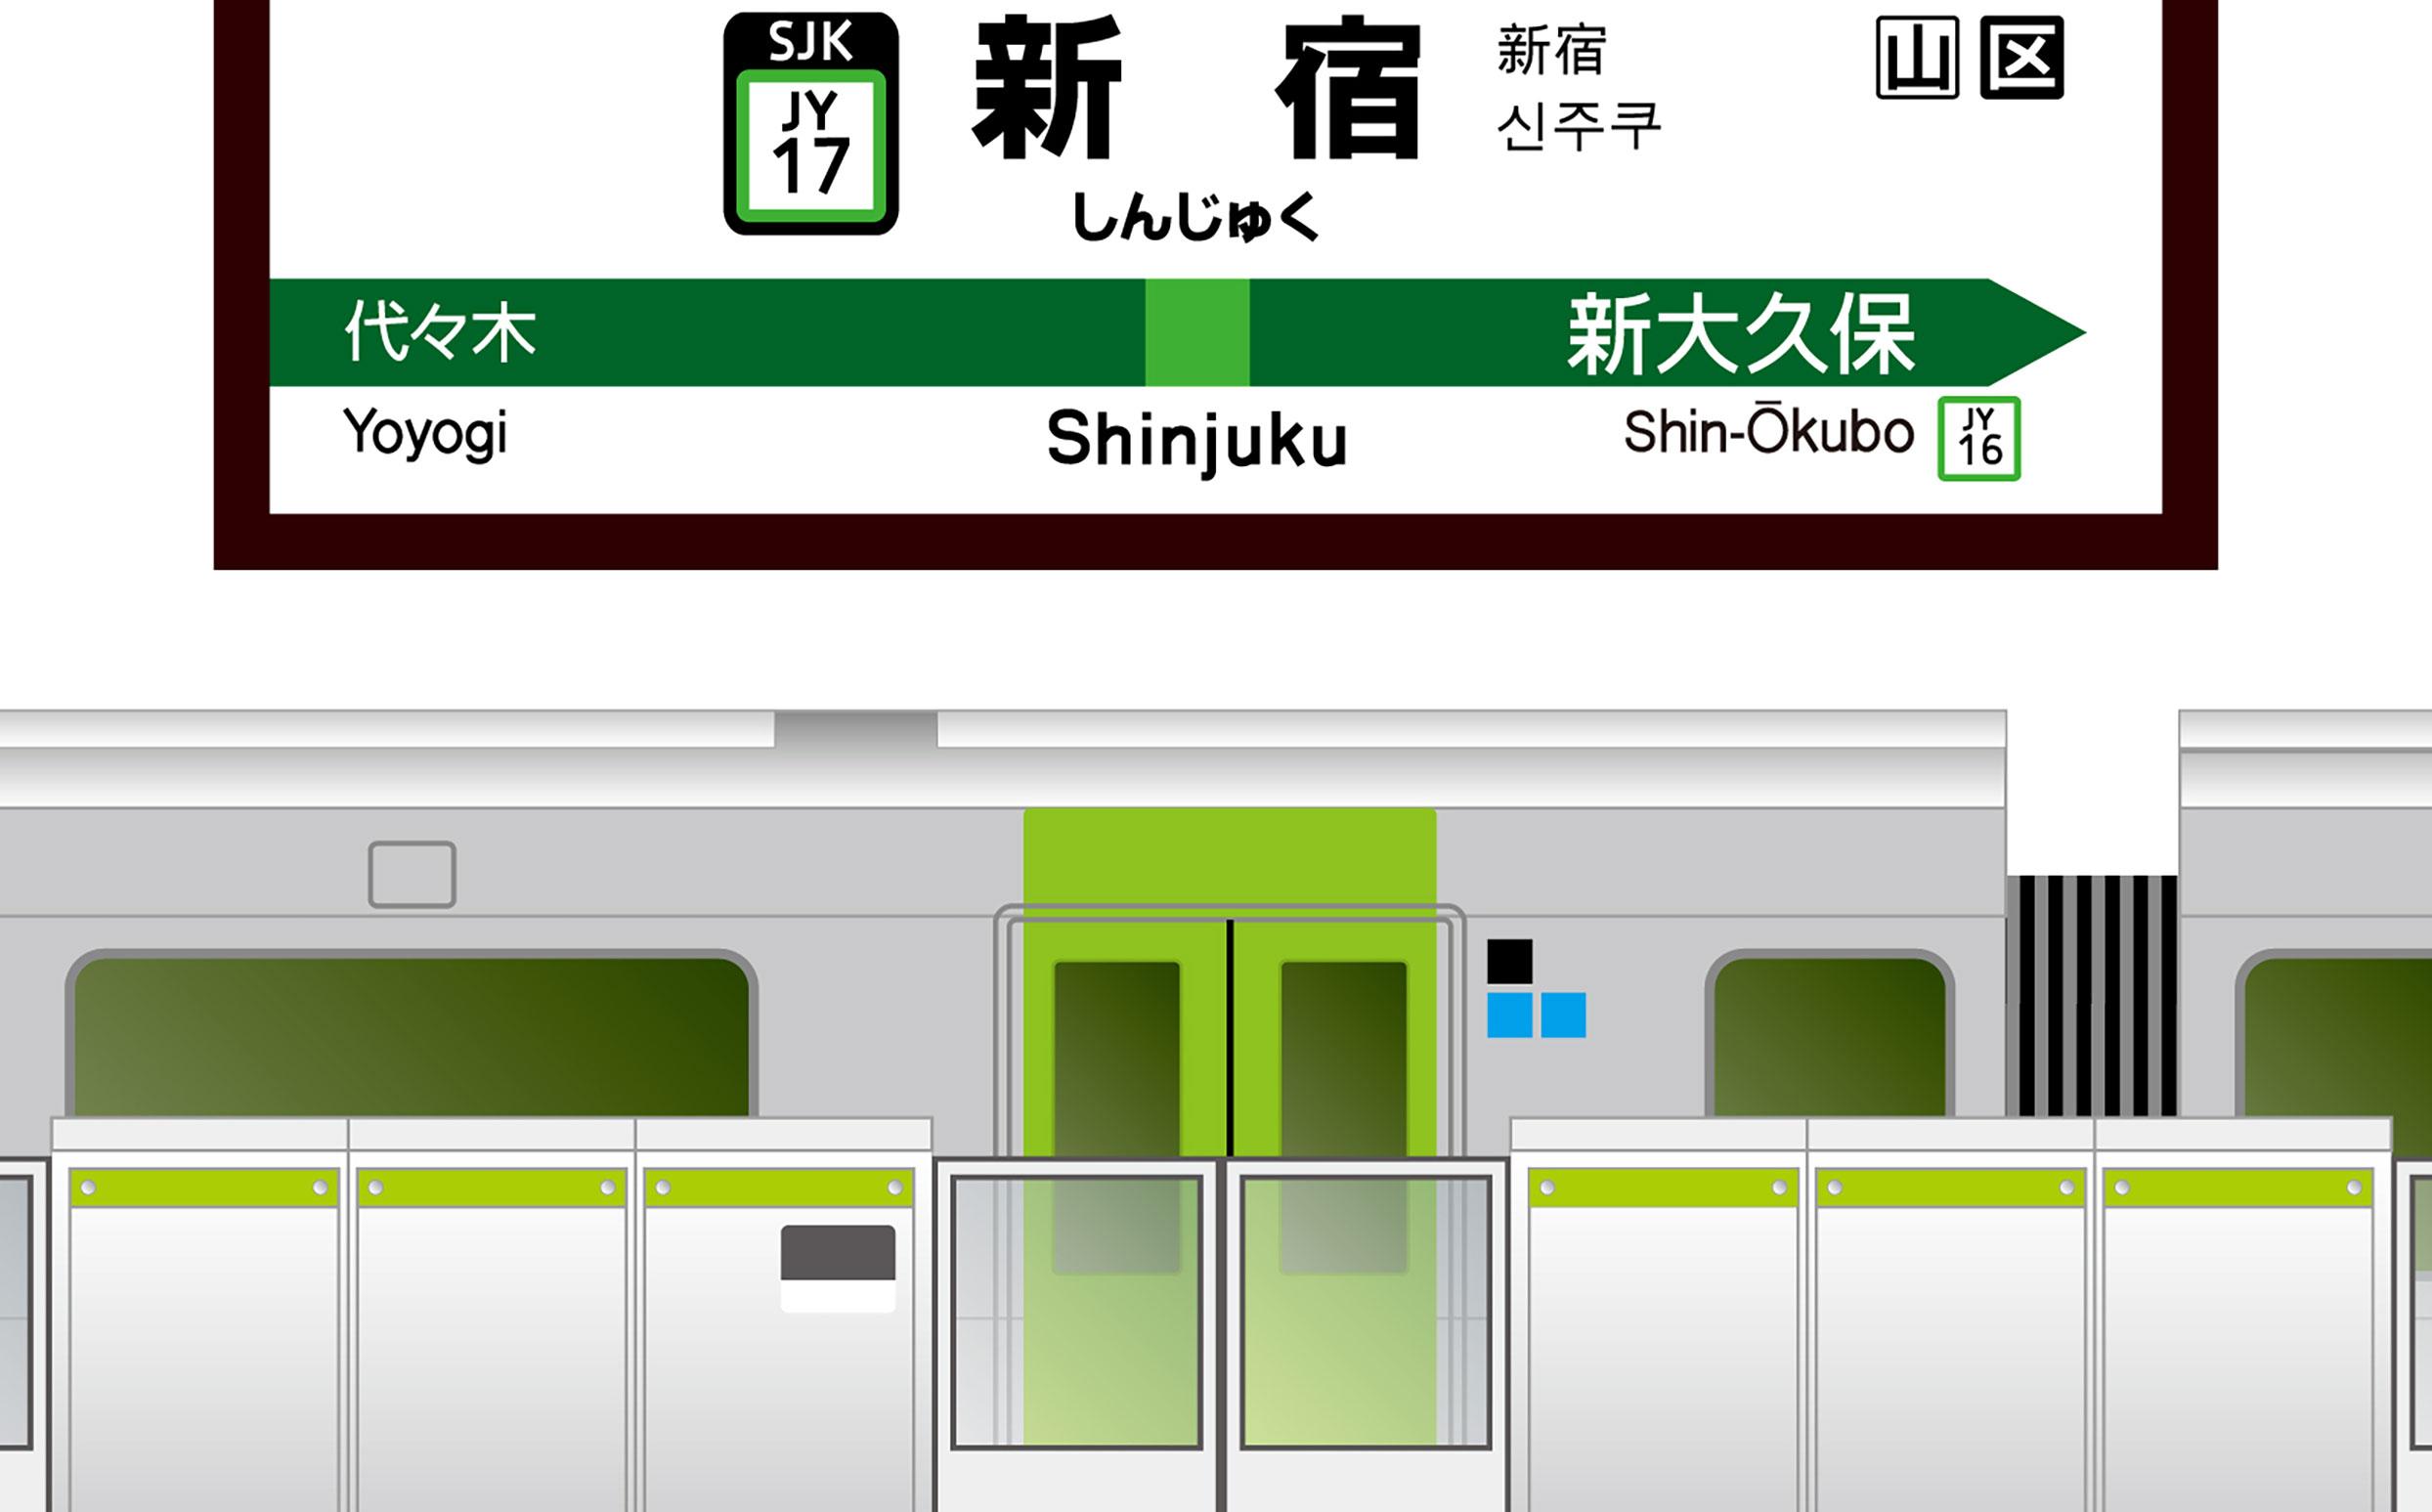 新宿駅の喫煙所を探す方法